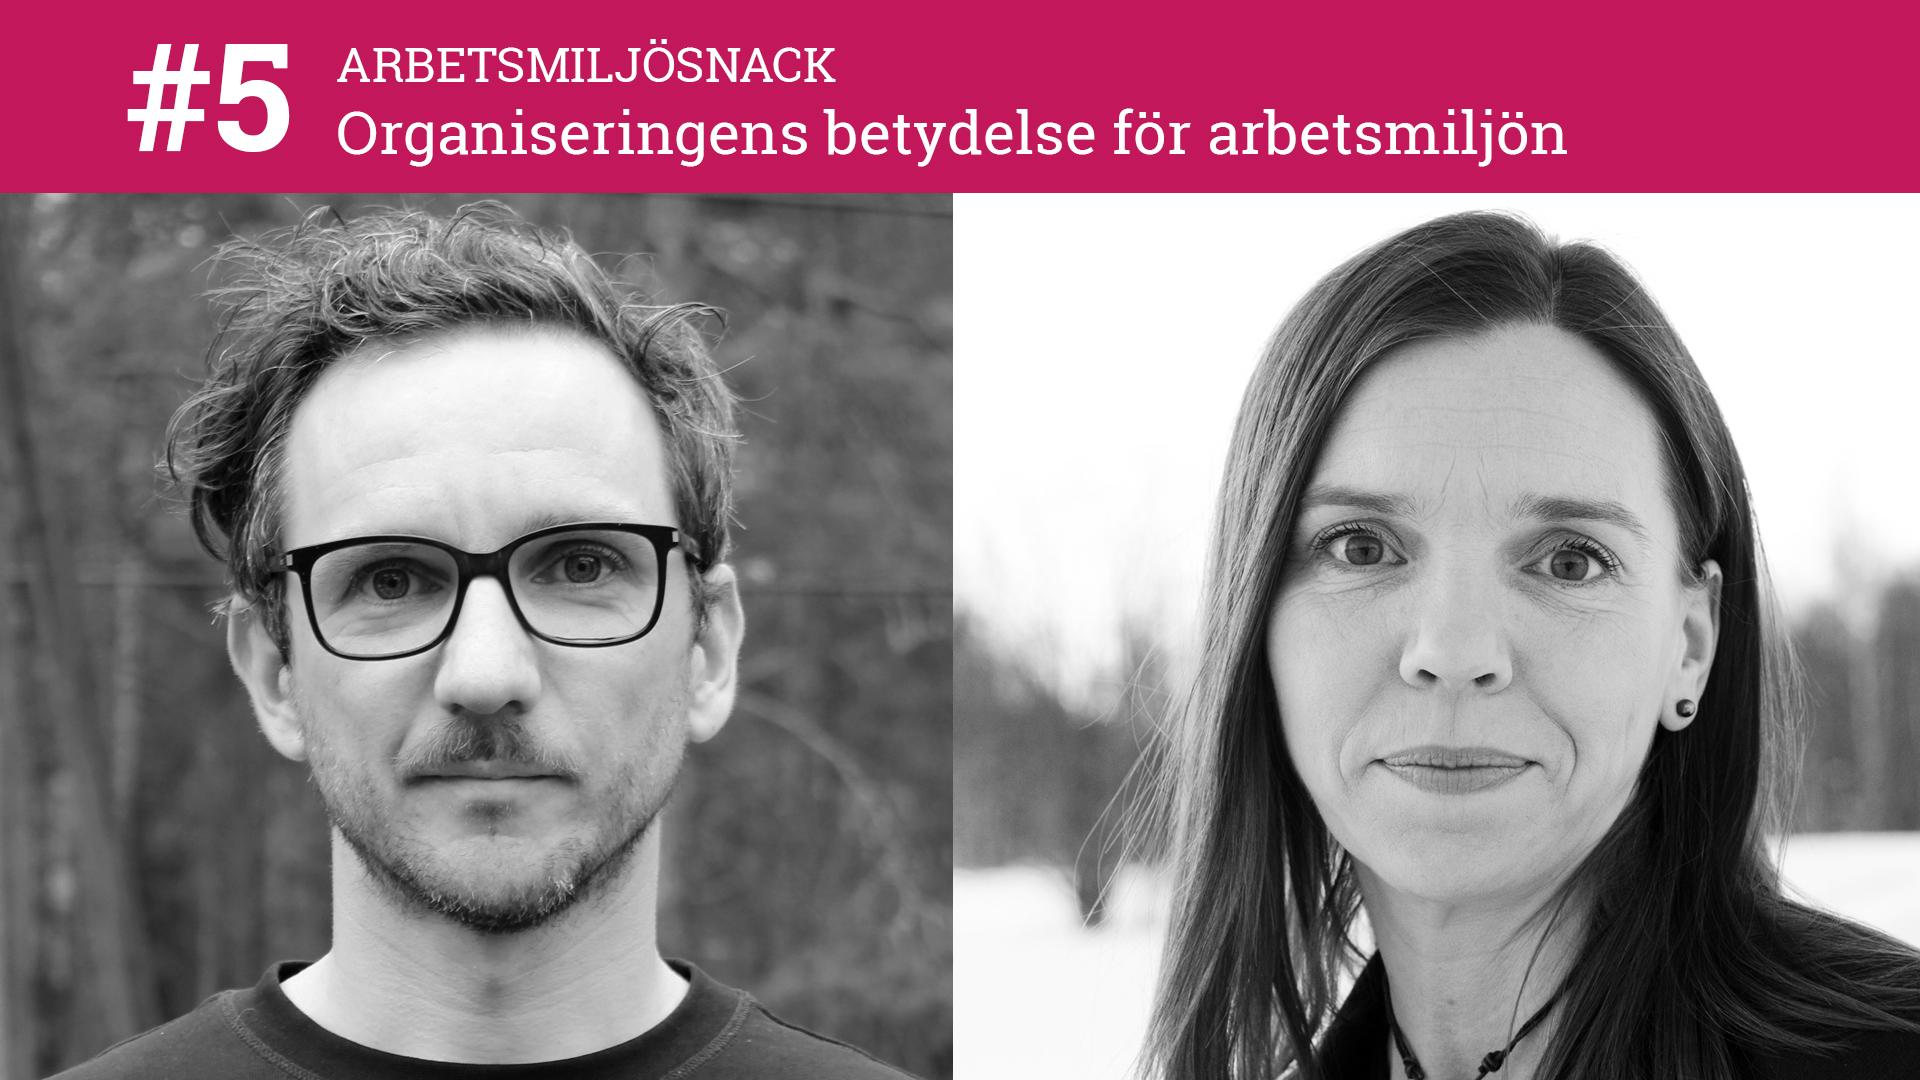 Fredrik Sjögren och Karolina Parding